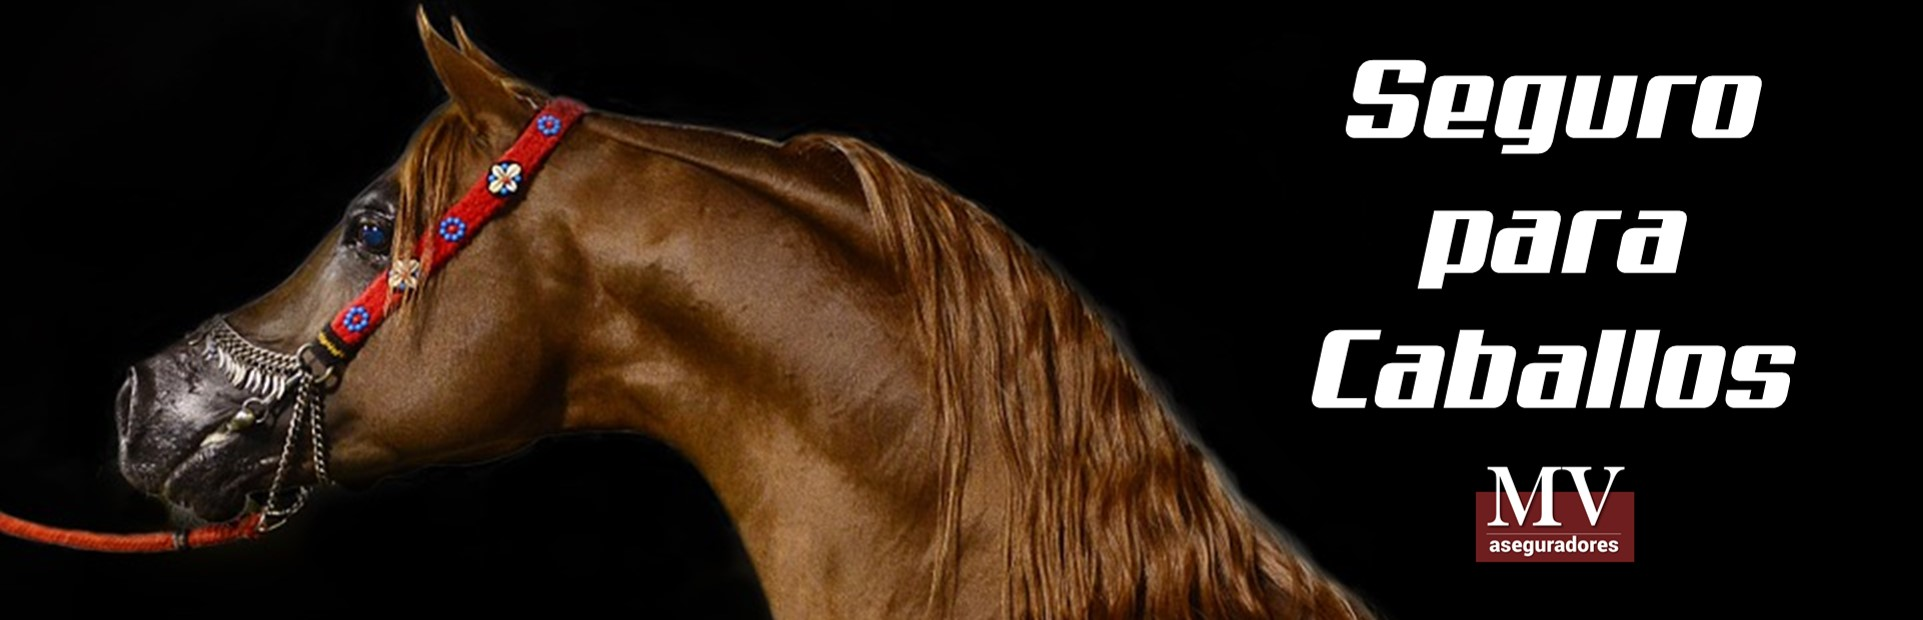 slider 1 para seguros de caballos